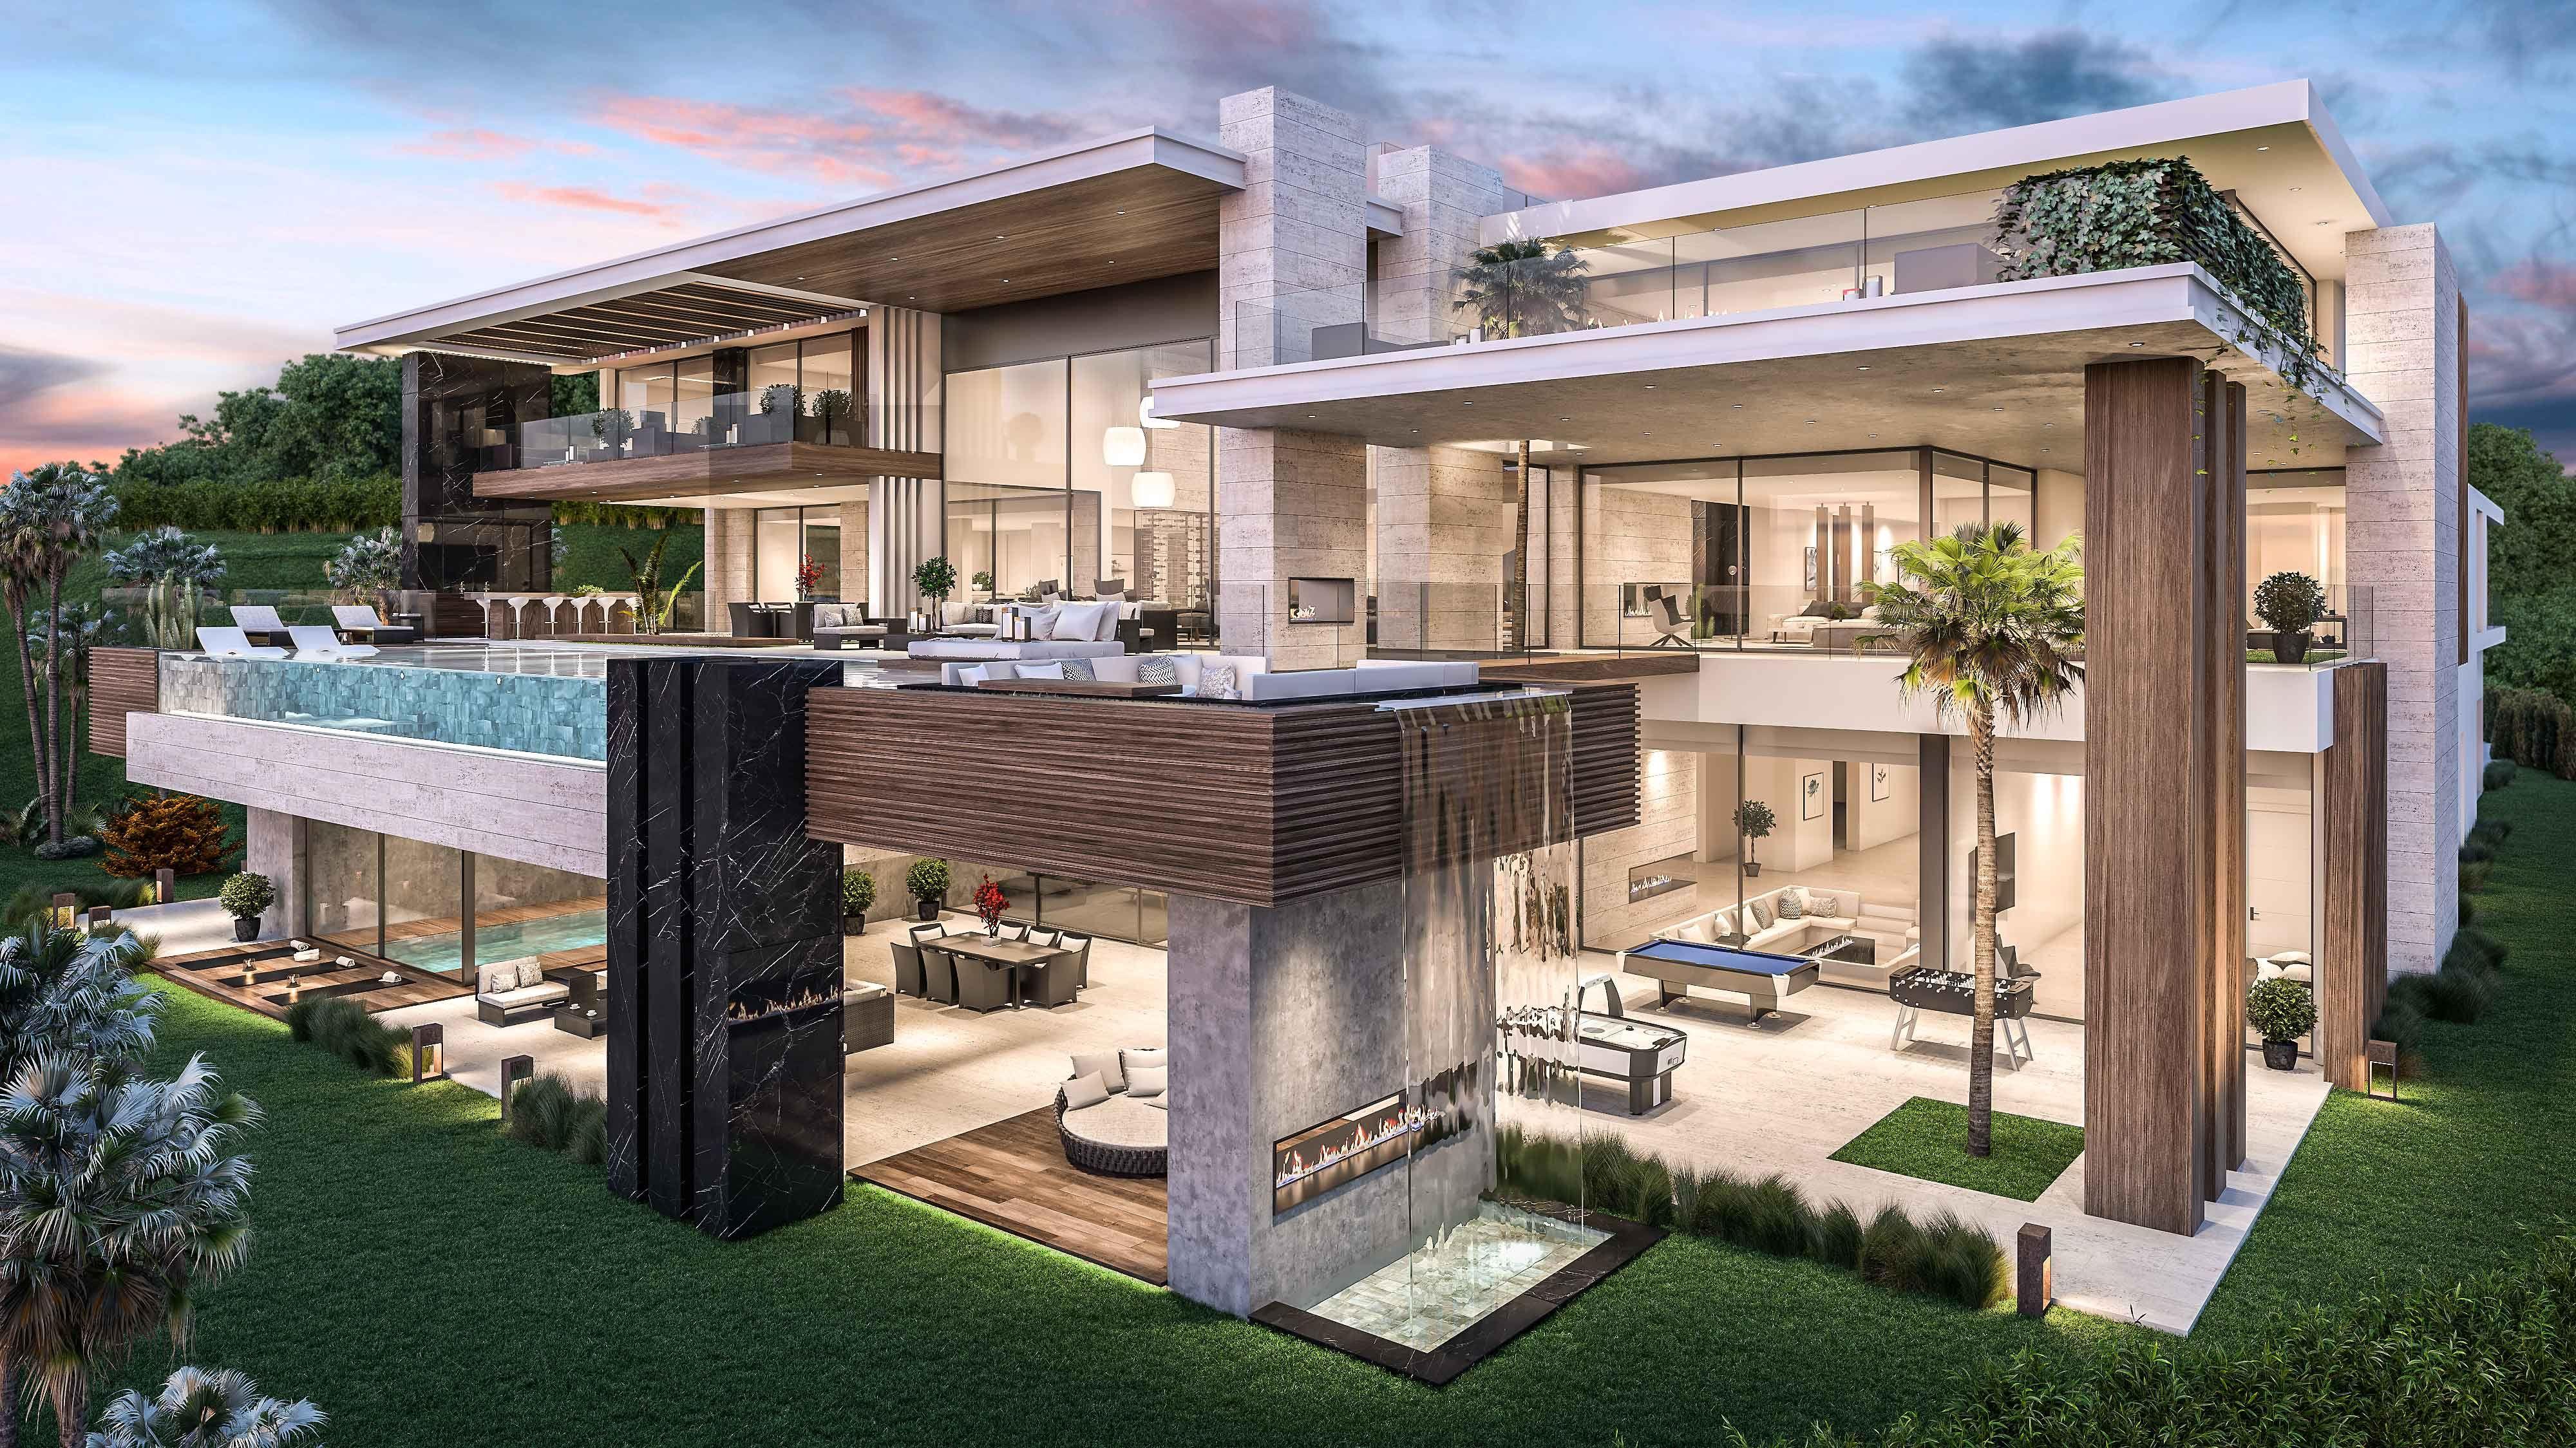 Architecture Construction Of Luxury Villa In La Zagaleta Modern Villa Design Luxury Villa Design Luxury Homes Dream Houses